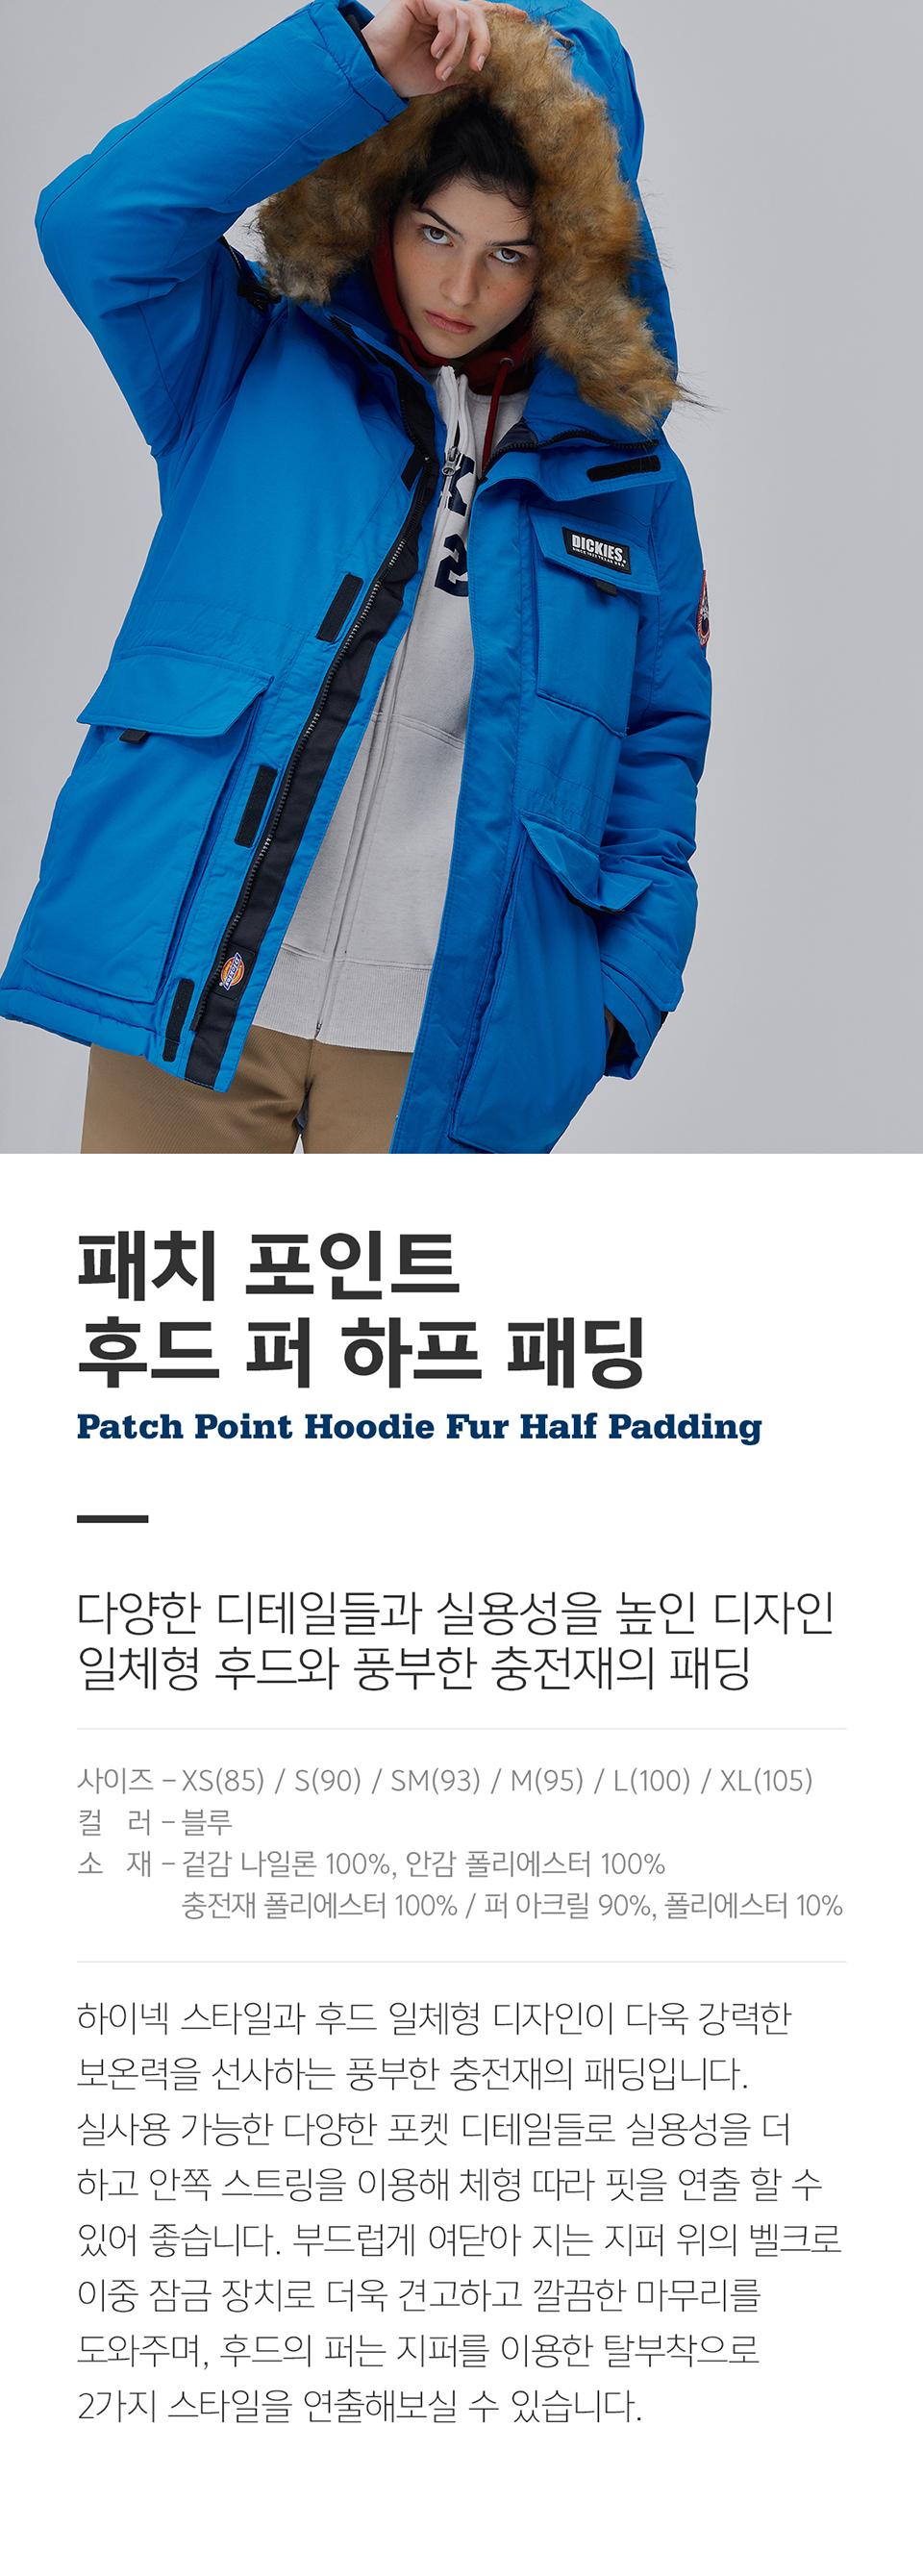 디키즈(DICKIES) 패치 포인트 후드 퍼 하프 패딩 BLUE [YDHL4UTFJ102-PBL]